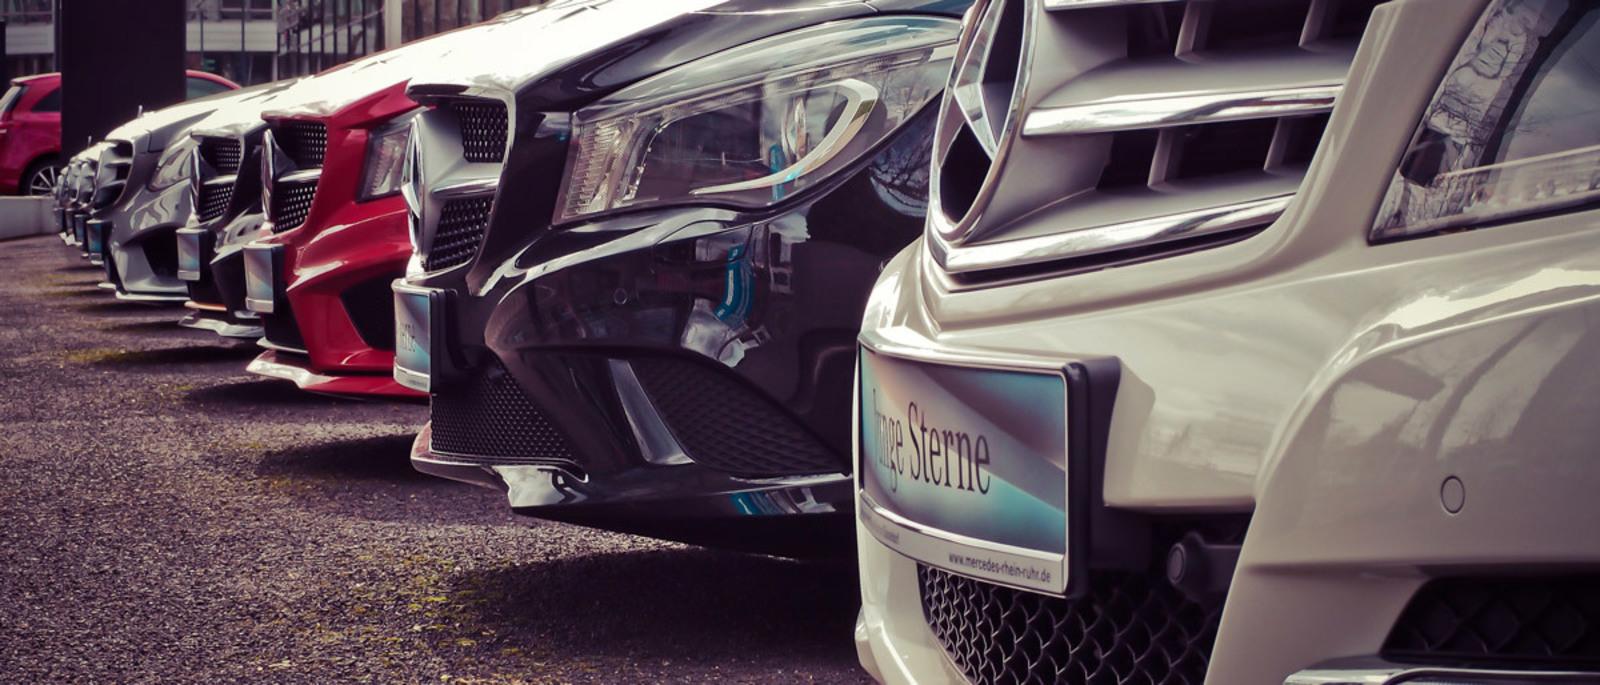 Fila di Mercedes parcheggiate in parallelo